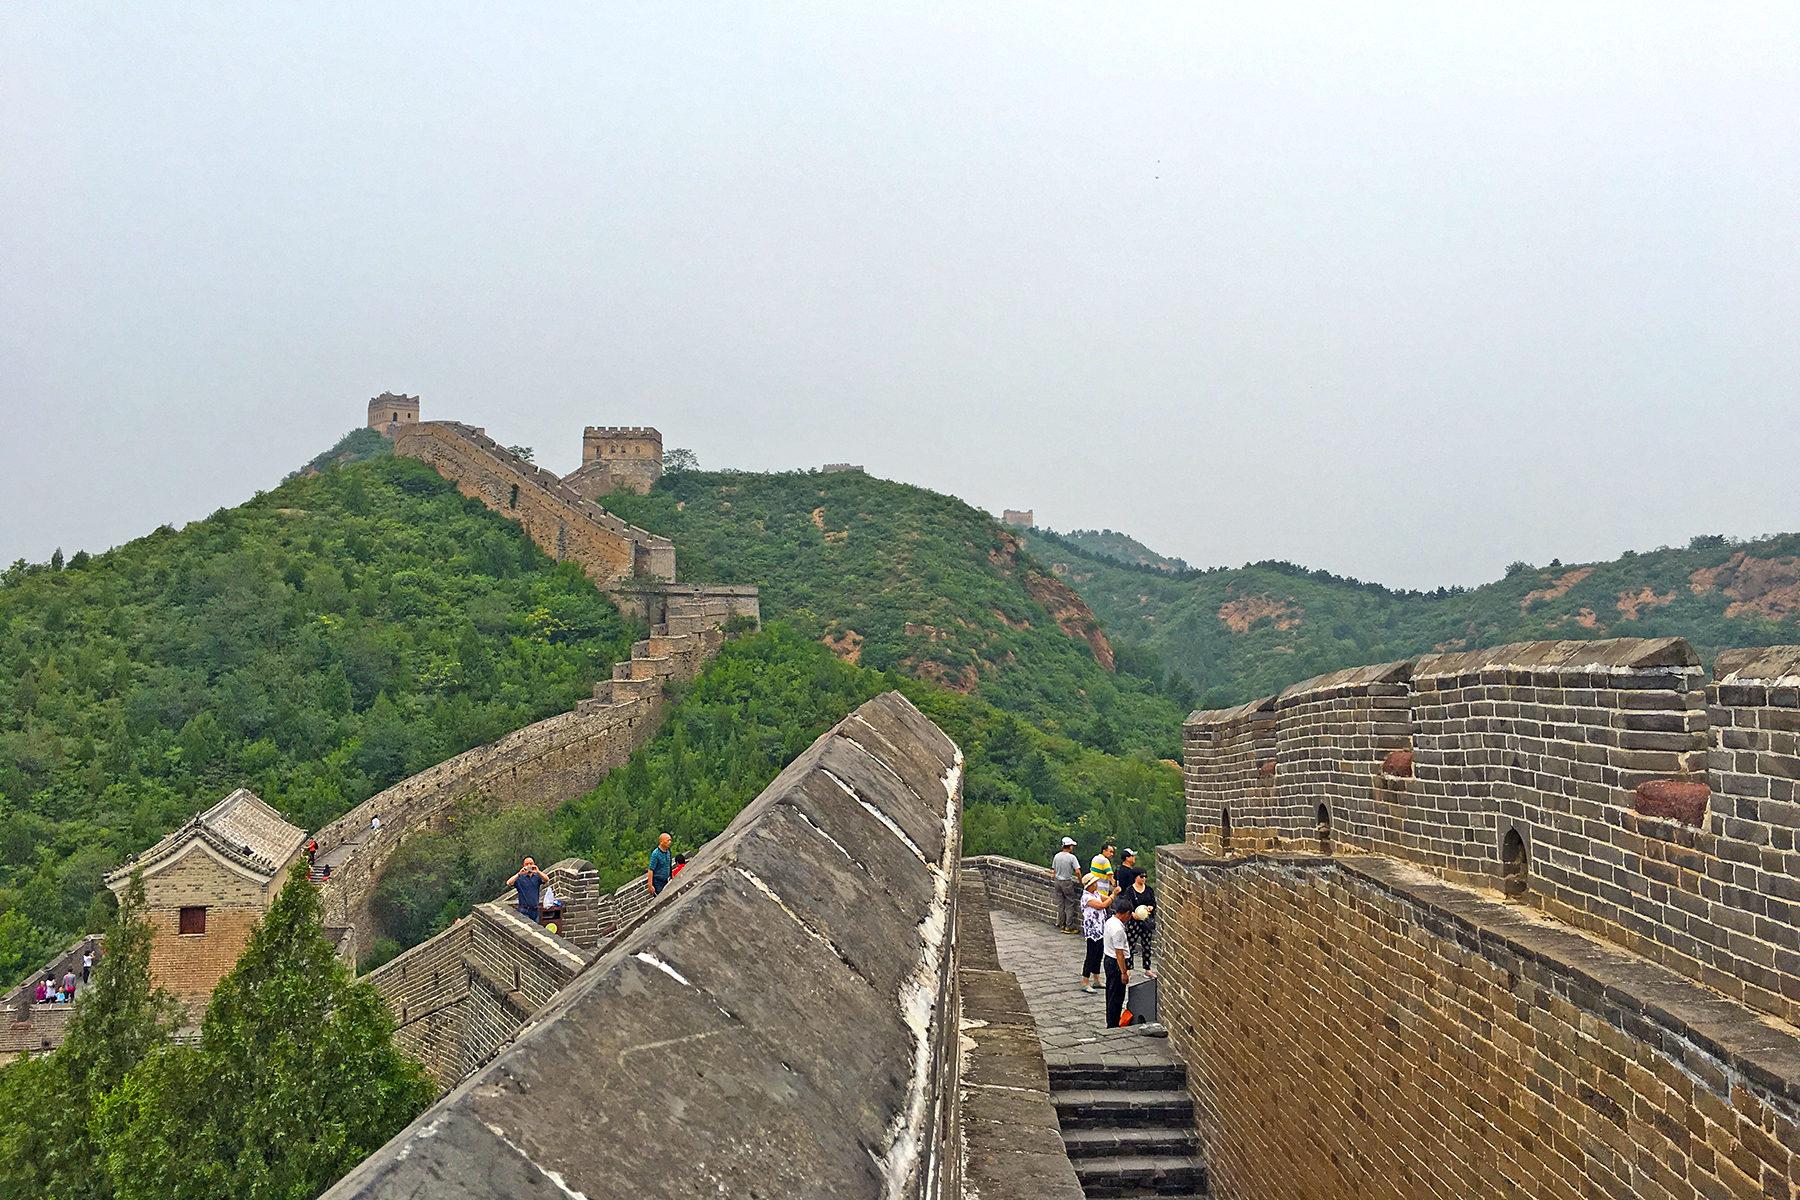 Insidertipps Chinesische Mauer: 5 Dinge, die man vor dem Besuch der Chinesischen Mauer wissen muss